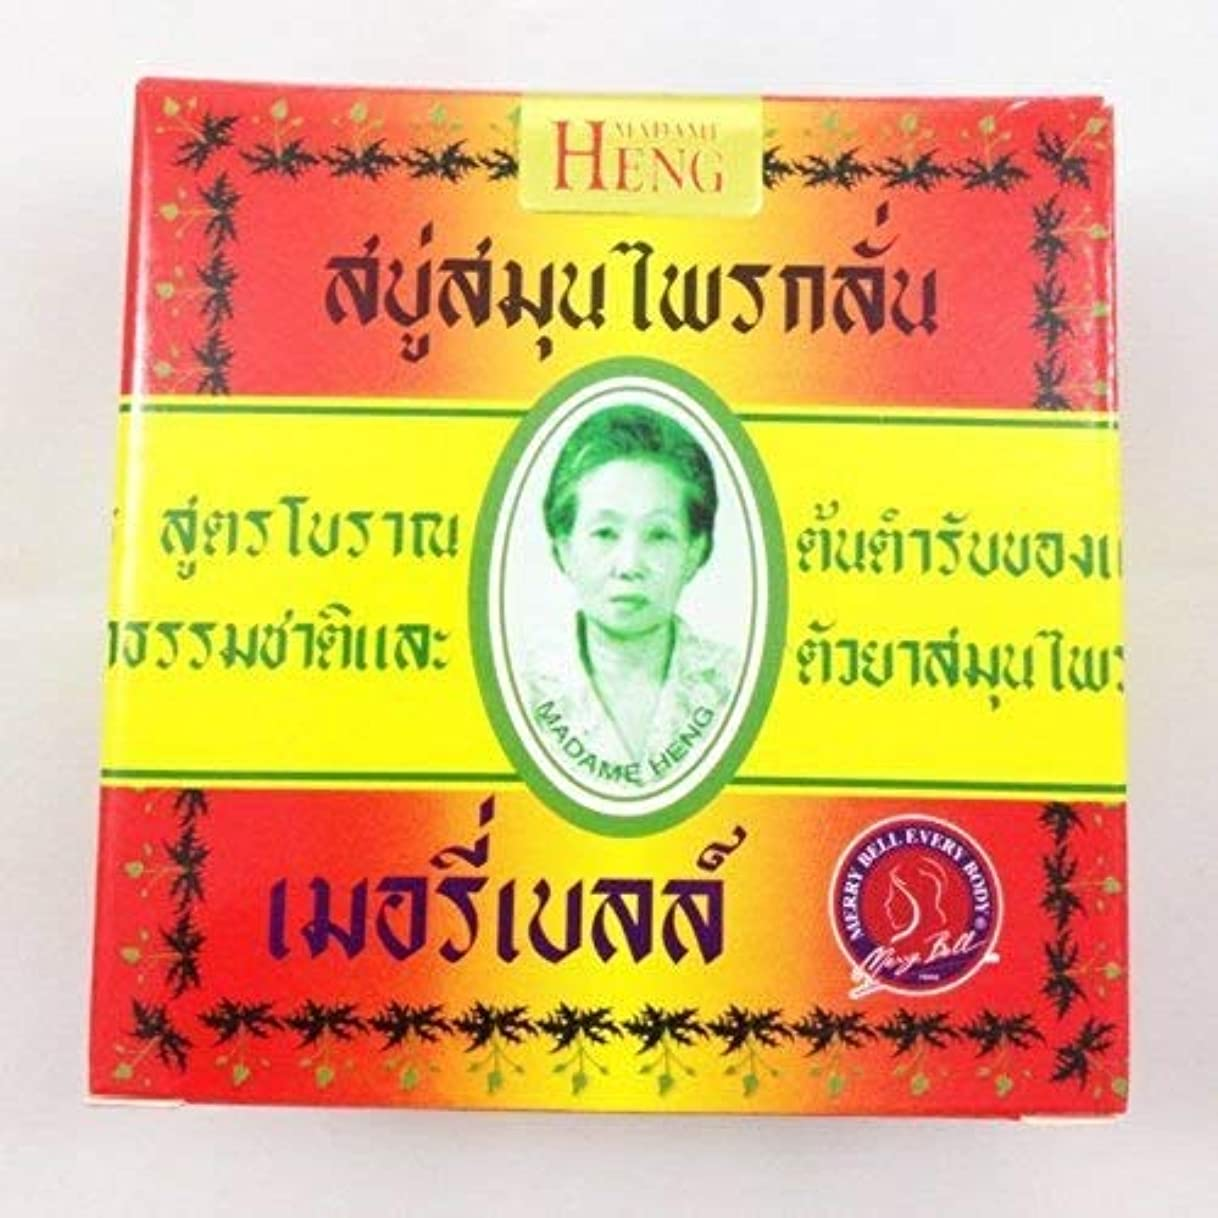 フェデレーション待つ犬Madame Heng Thai Original Natural Herbal Soap Bar Made in Thailand 160gx2pcs by Ni Yom Thai shop